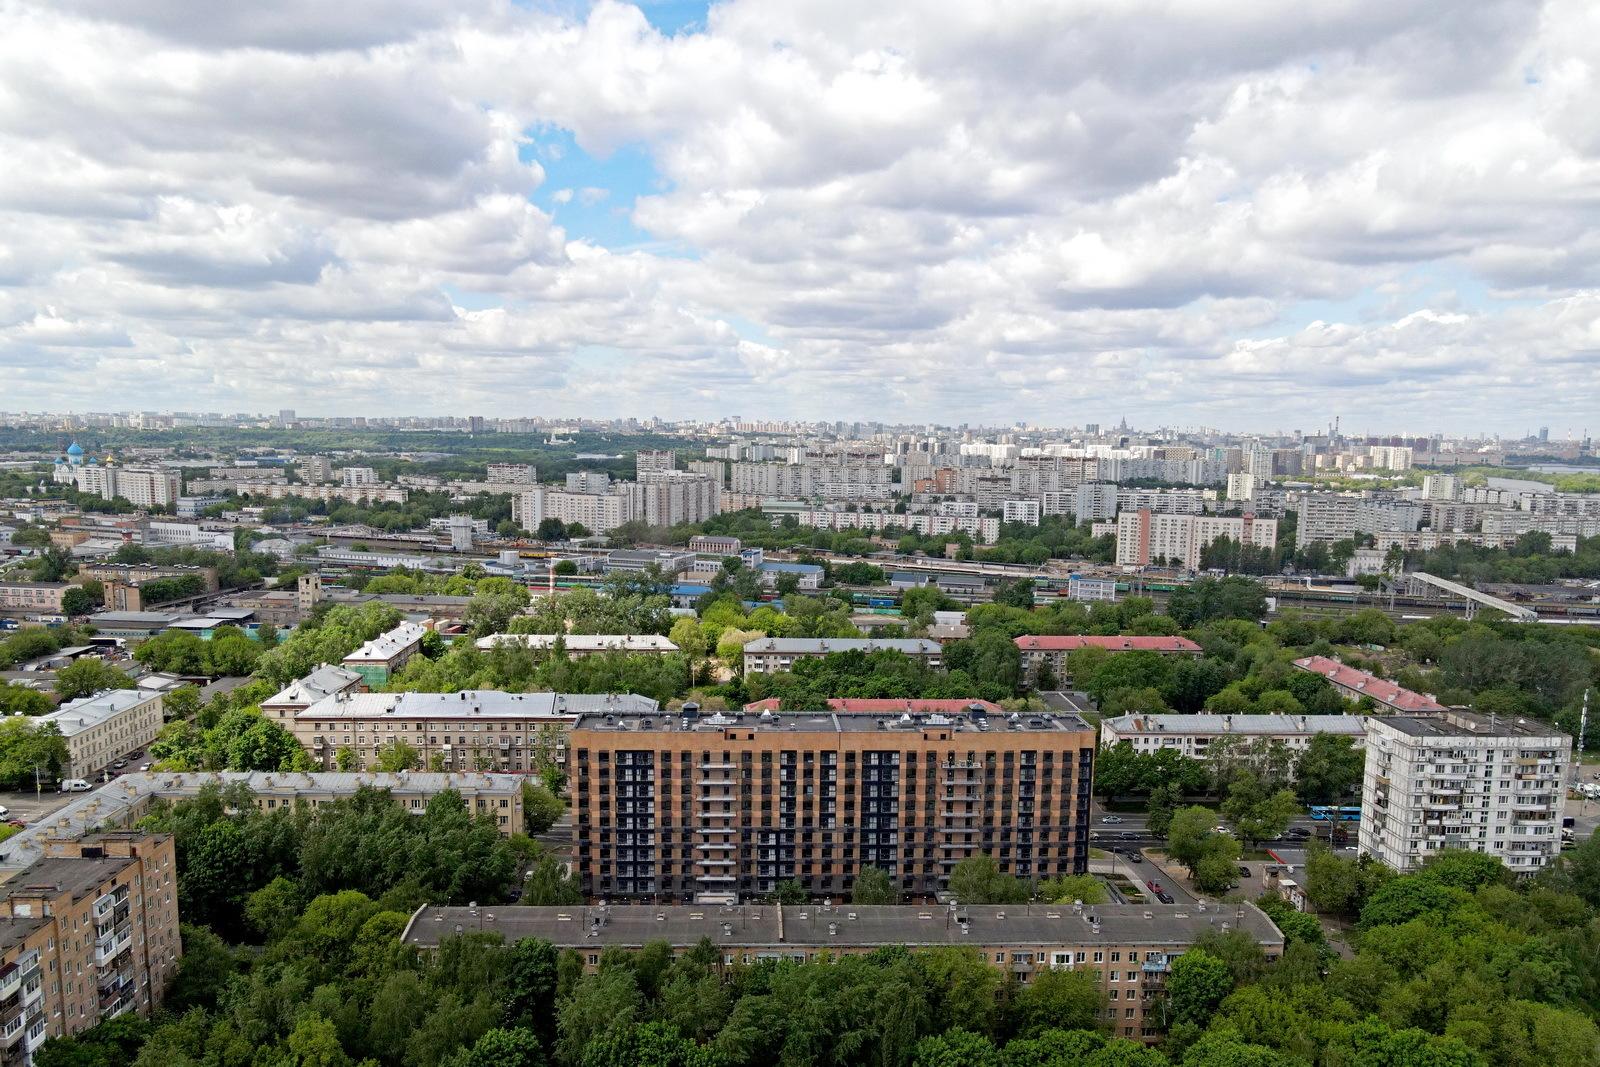 Бочкарёв: Более трехсот домов проектируется и строится по программе реновации в Москве